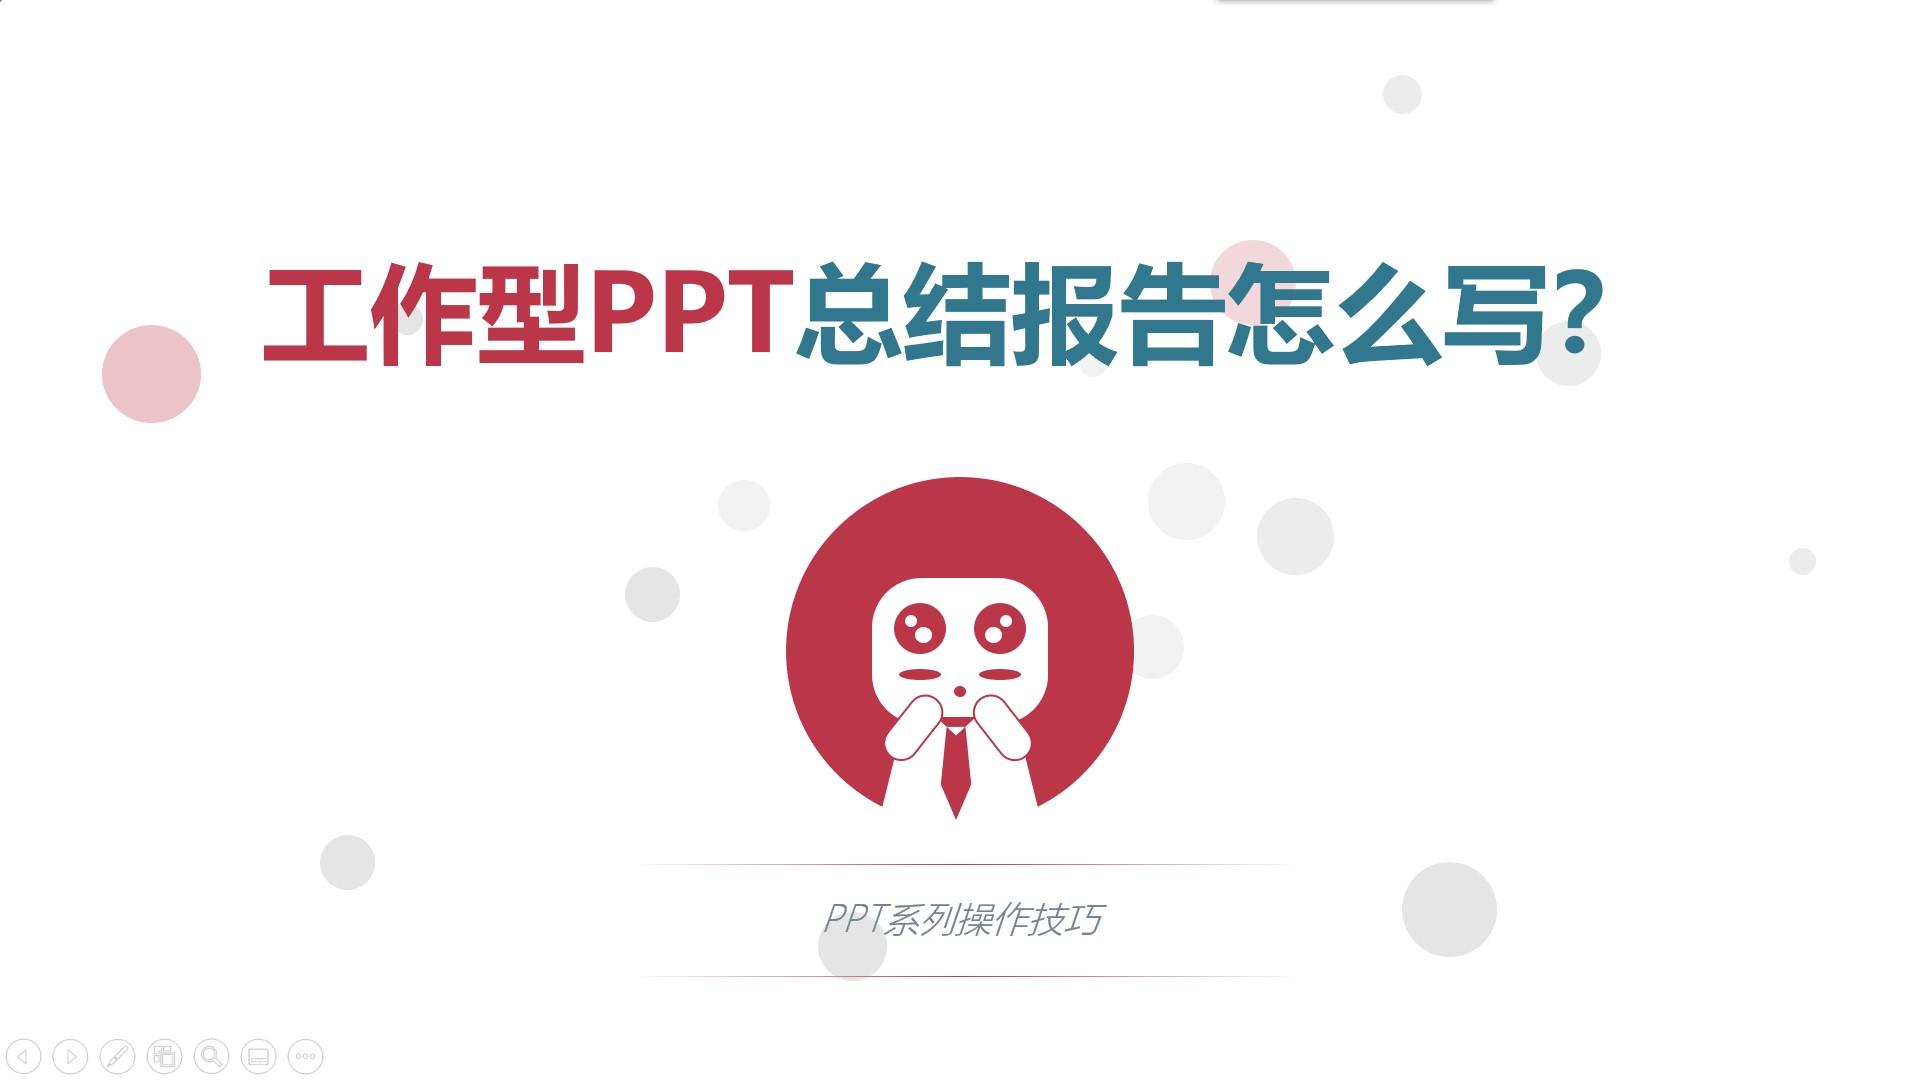 工作型PPT总结报告怎么写?这篇文章告诉你!